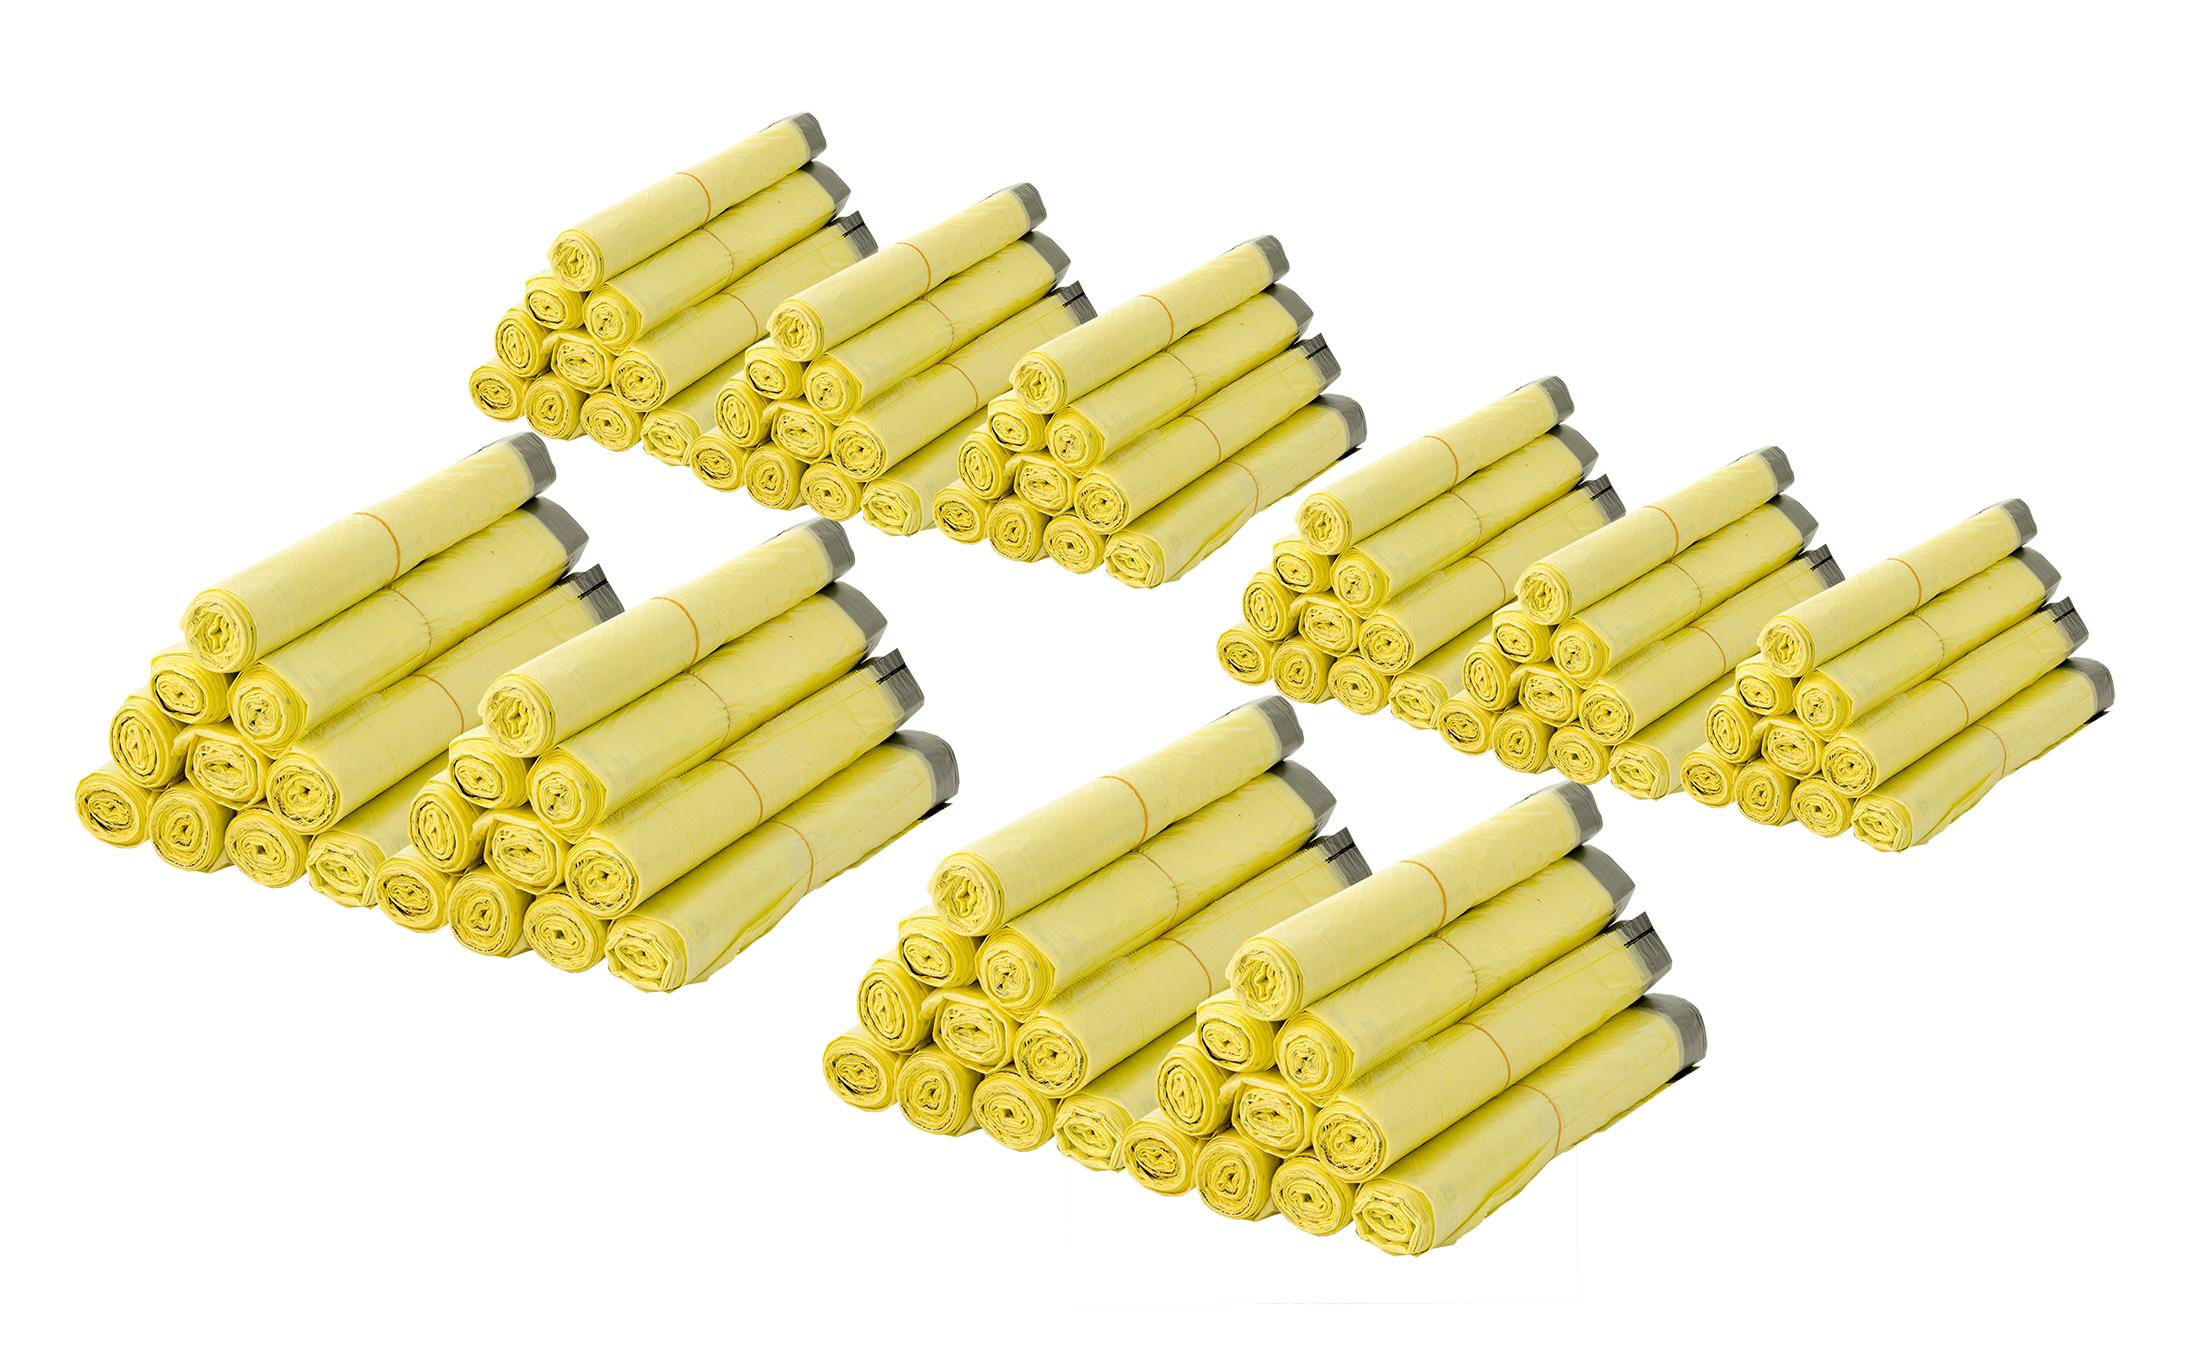 1 Rolle Gelber Sack mit 13 gelben Säcken Müllbeutel Mülltüten Müllsäcke 60 Liter